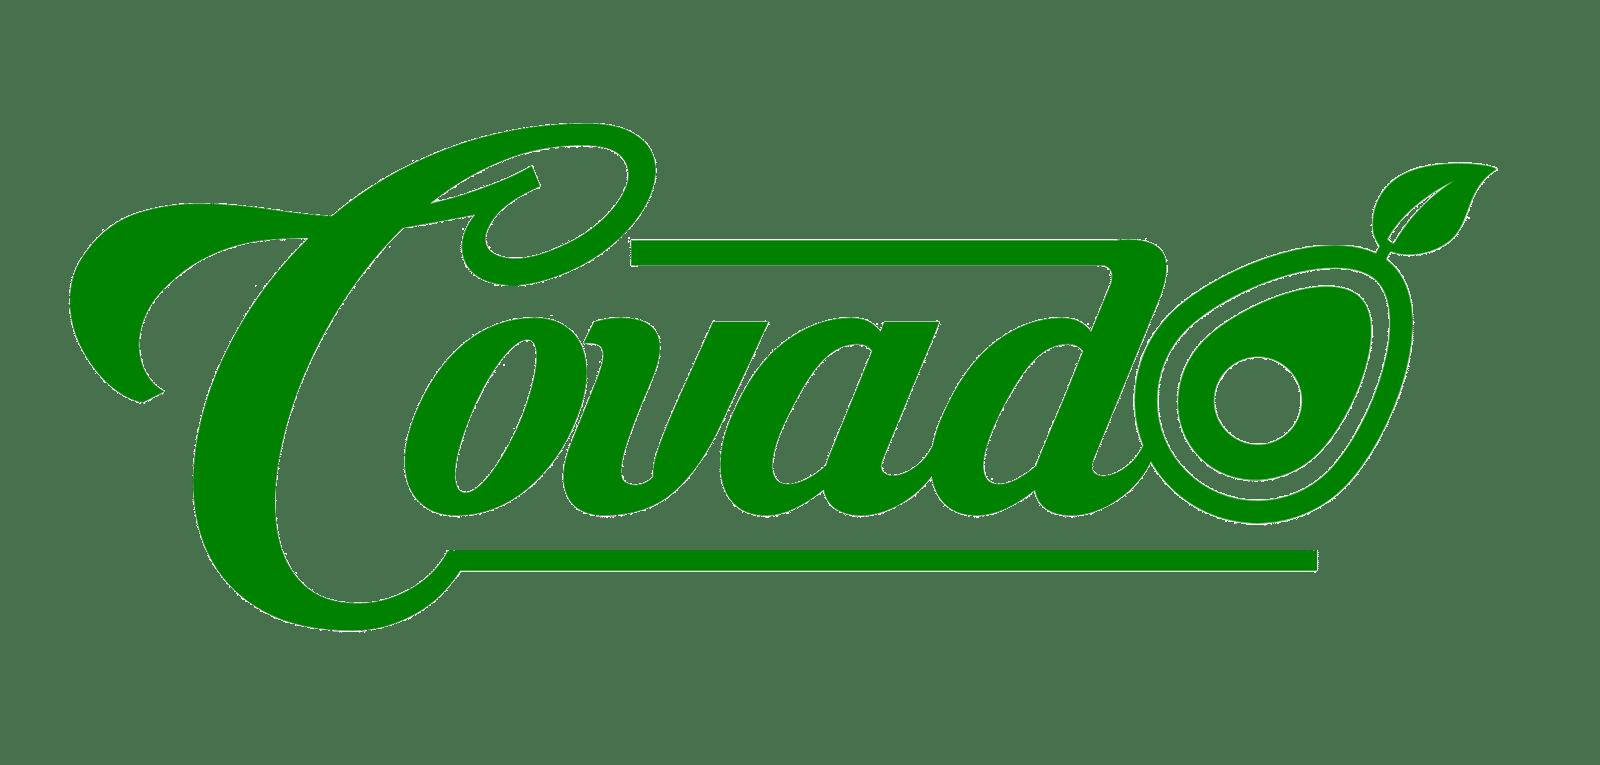 Covado